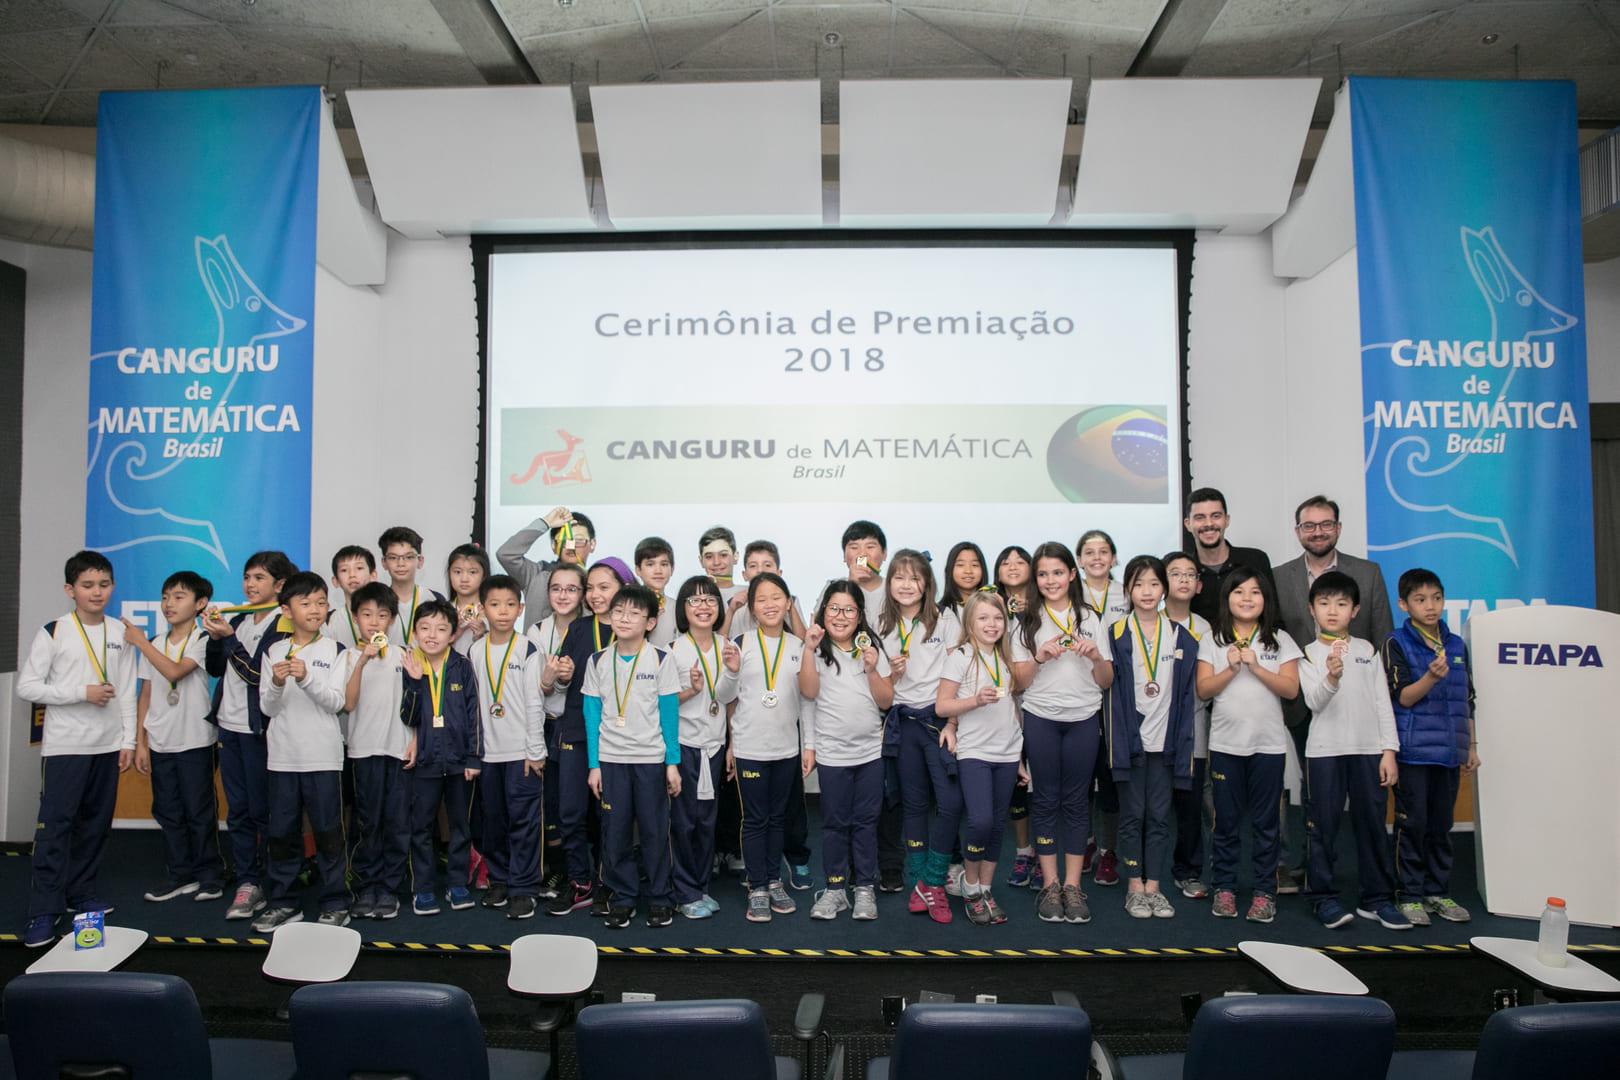 Alunos do Etapa recebem medalhas pelo desempenho no Canguru de Matemática